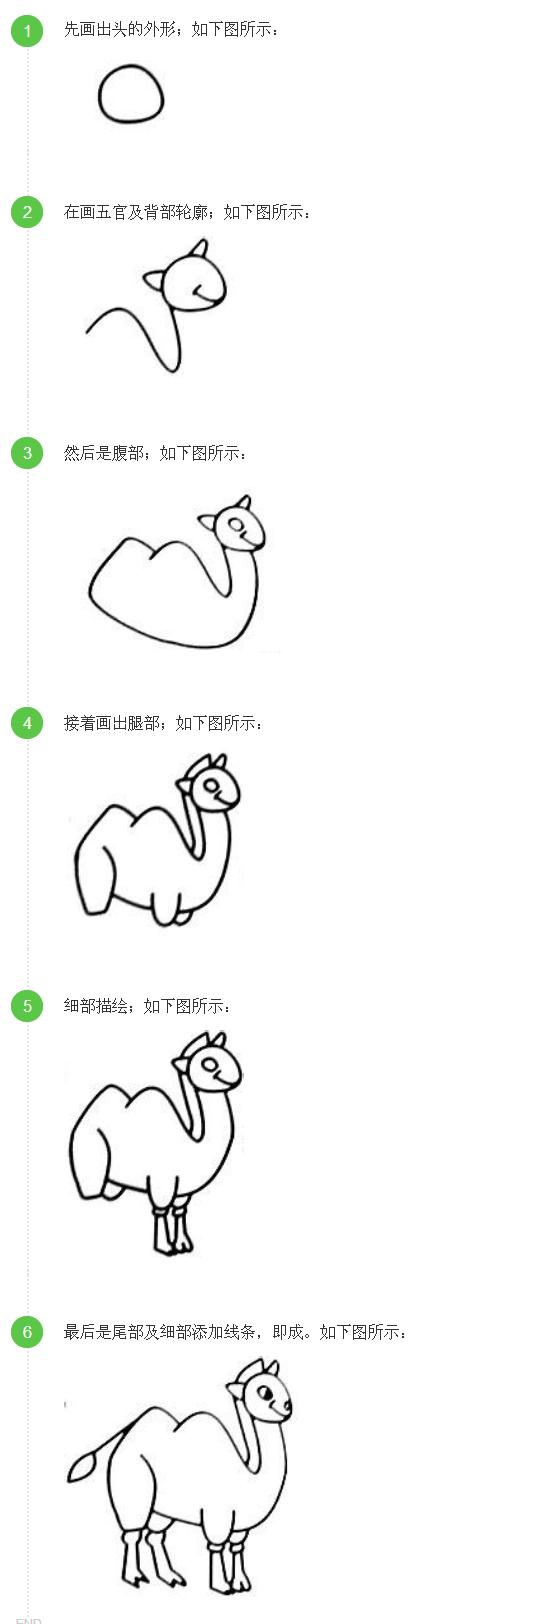 骆驼的简笔画,怎样才能使它最大.